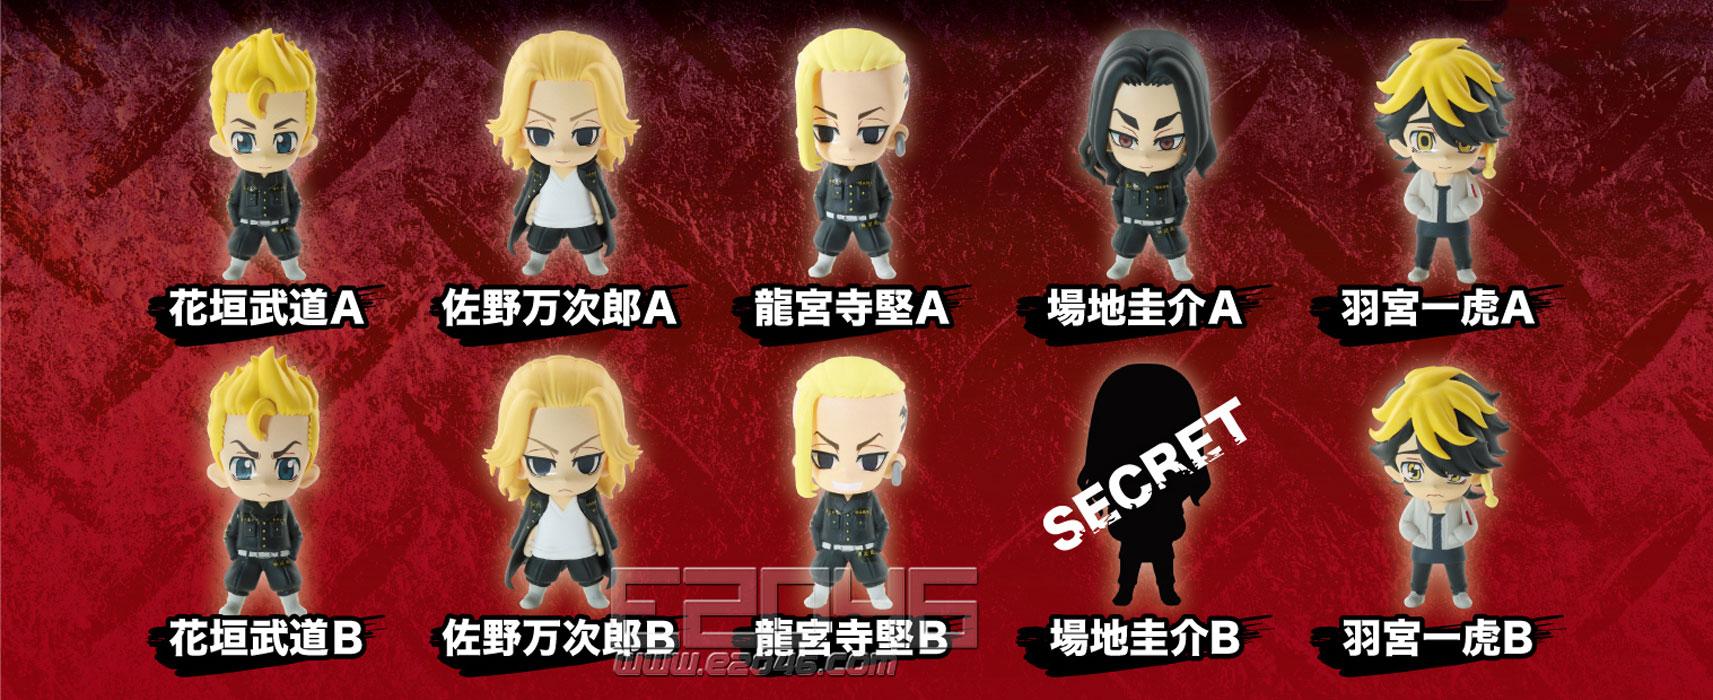 Tokyo Revengers Blind Mini Figure 1